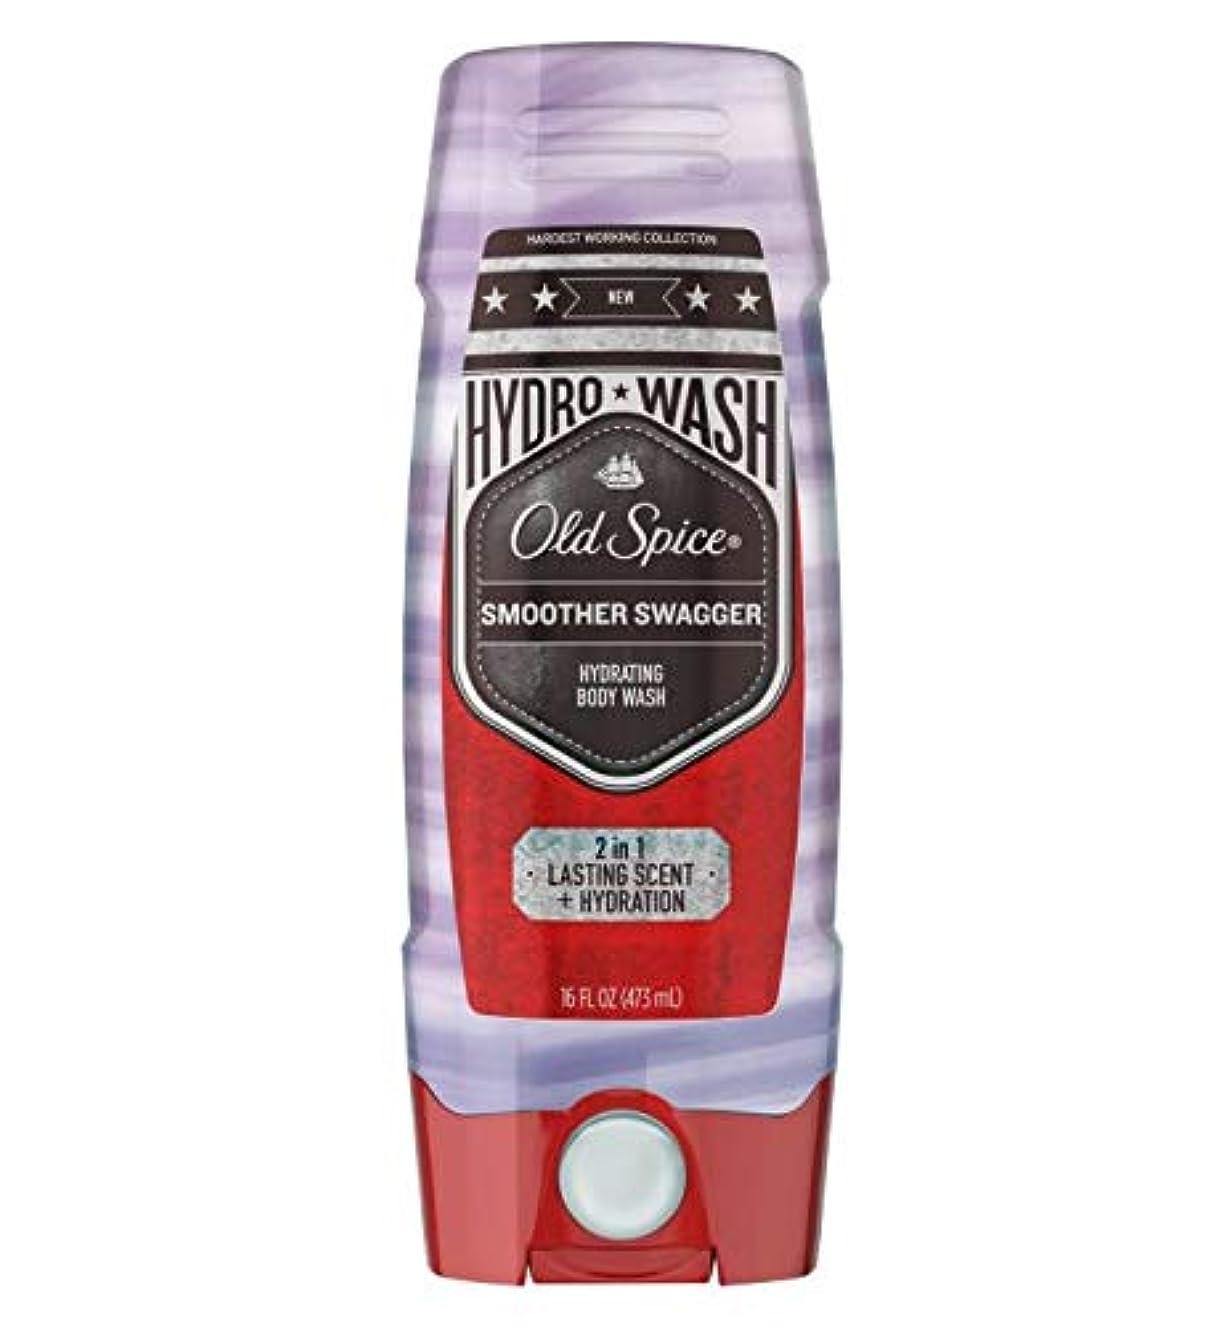 特徴犬番号Old Spice Hydro Wash Smoother Swagger Body Wash - 16 fl oz オールドスパイス ハイドロ ウォッシュ スムーザー スワッガー ボディウォッシュ473ml [並行輸入品]